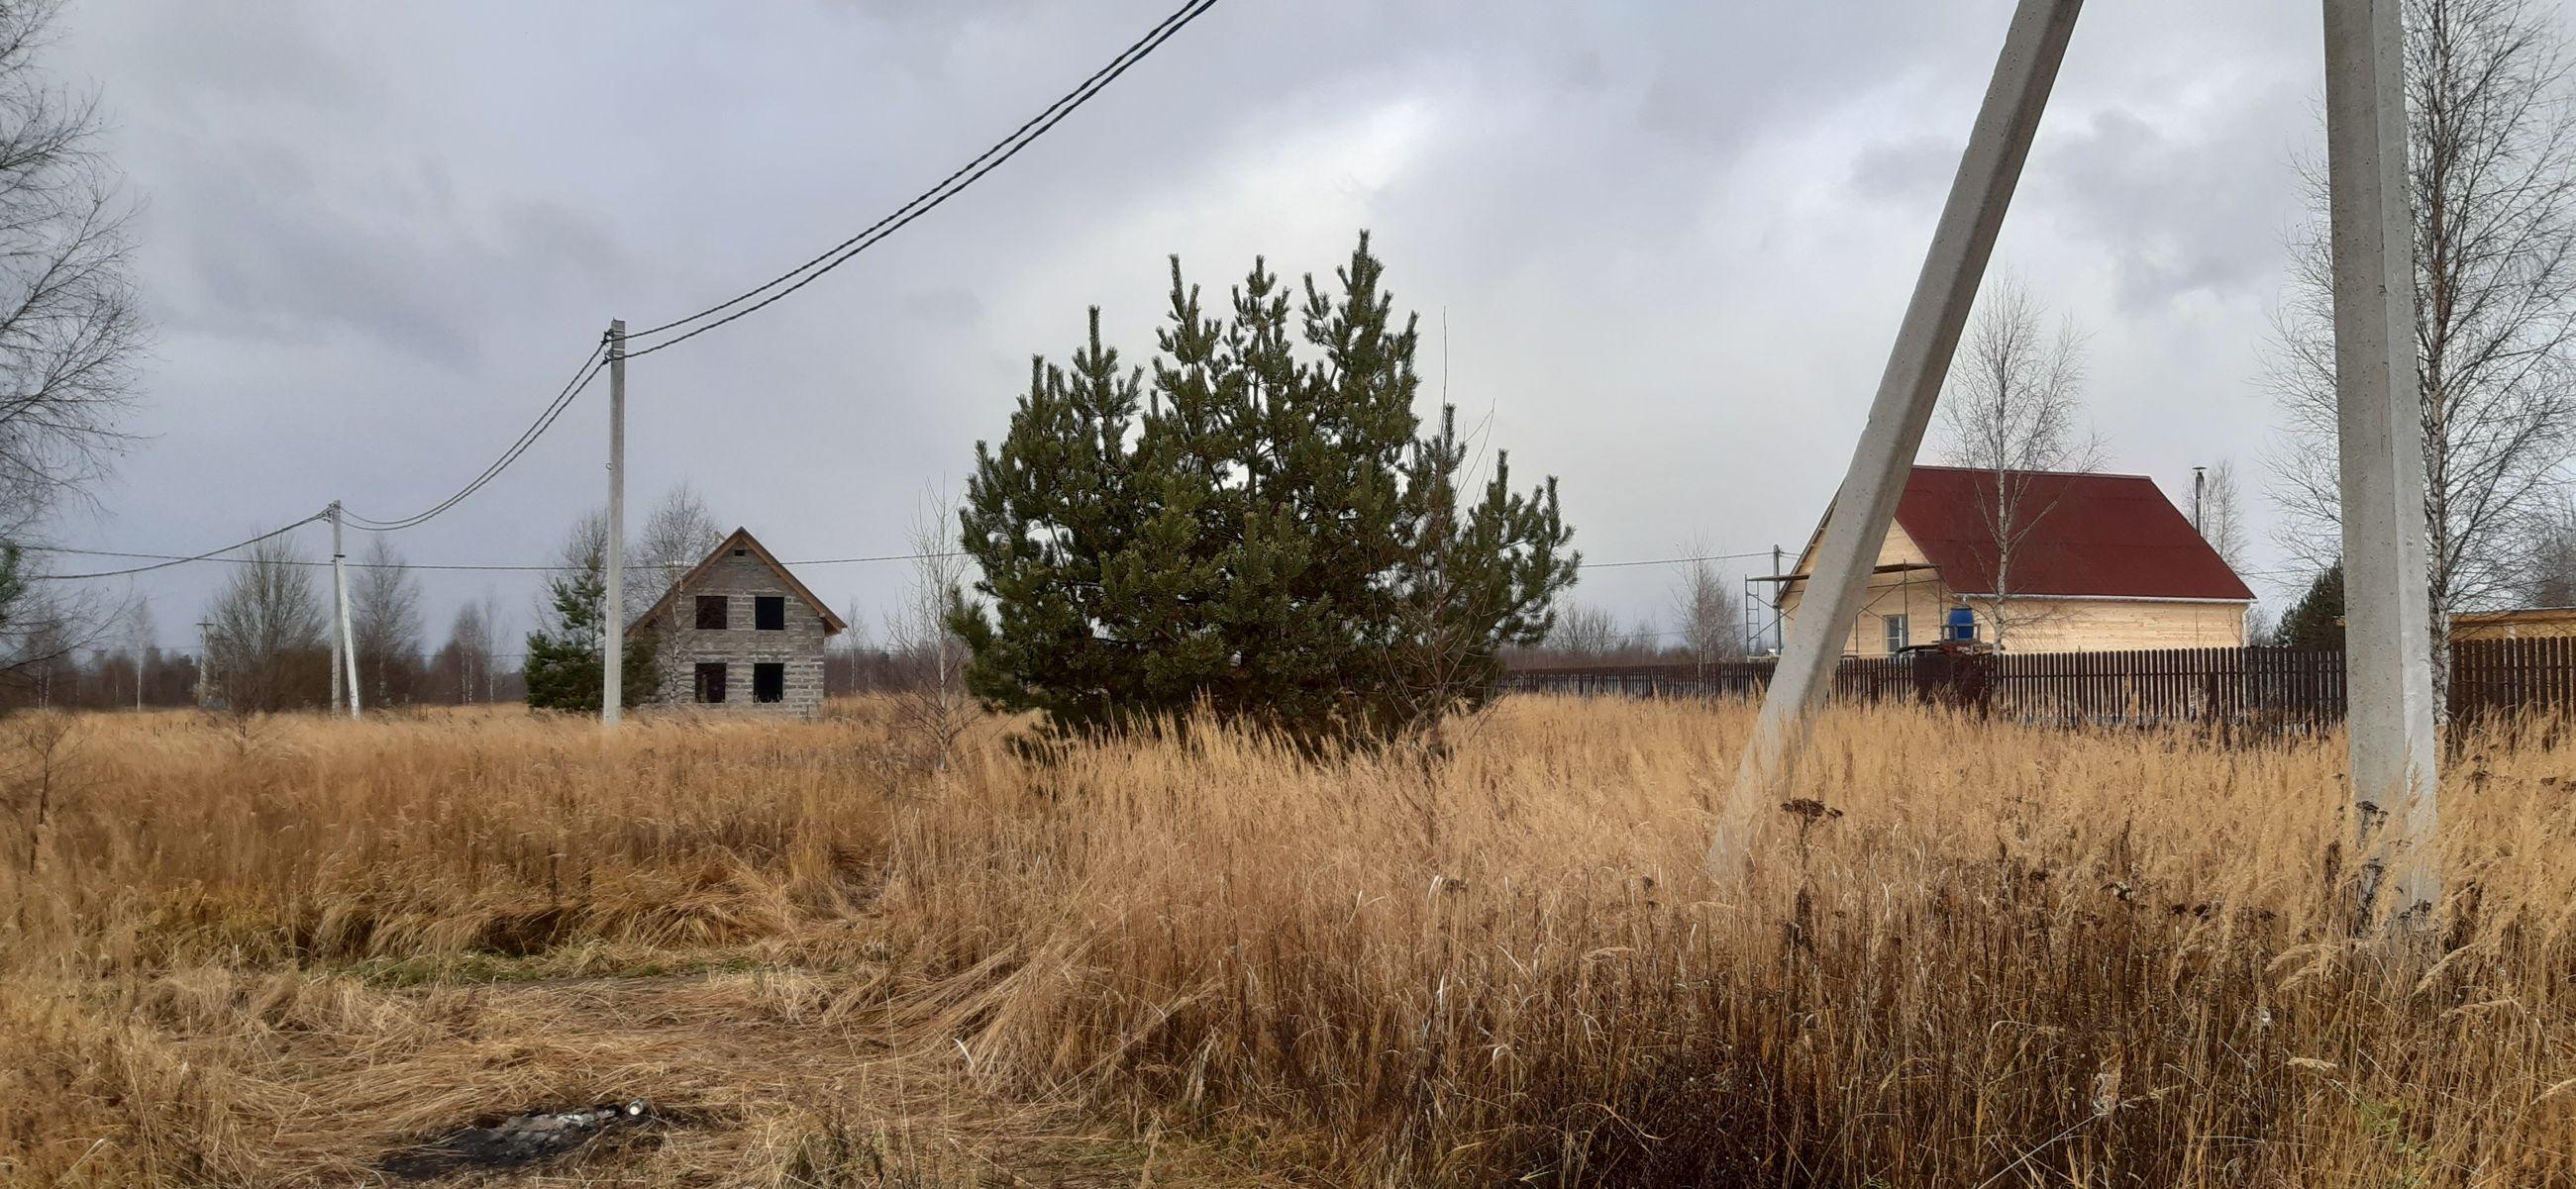 Более 750 земельных участков было предоставлено в этом году в Ярославской области молодым и многодетным семьям